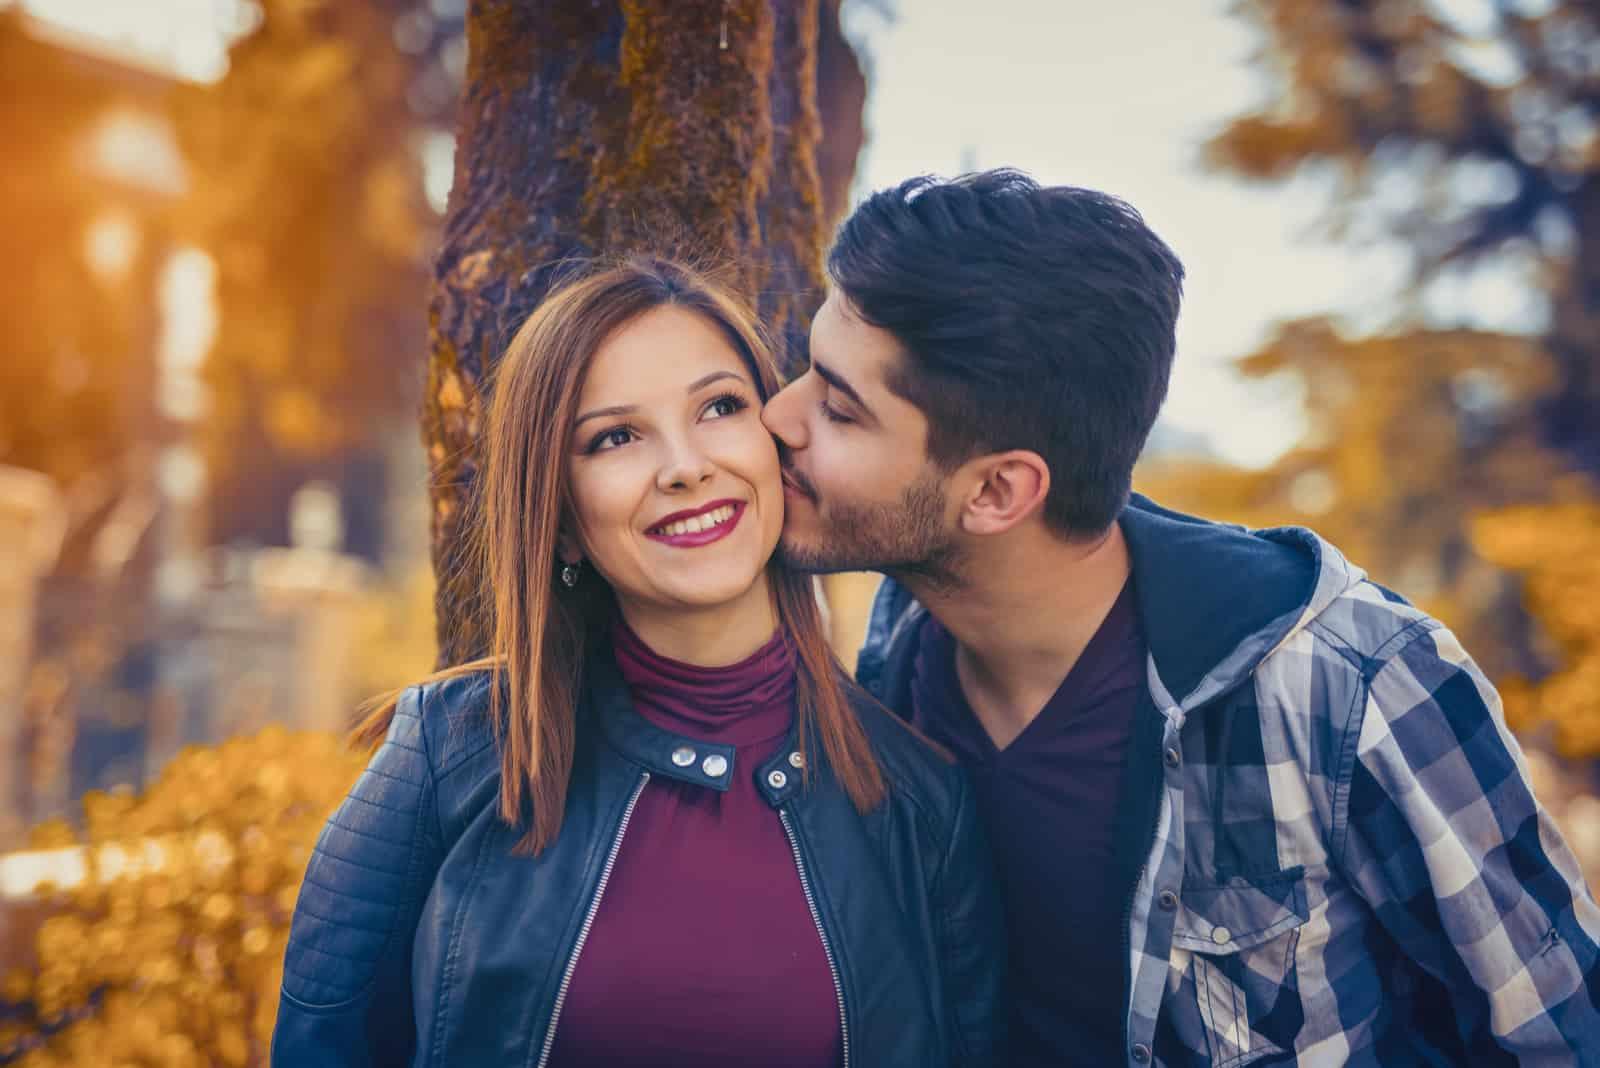 Ein Mann draußen küsst die Wange einer lächelnden Frau